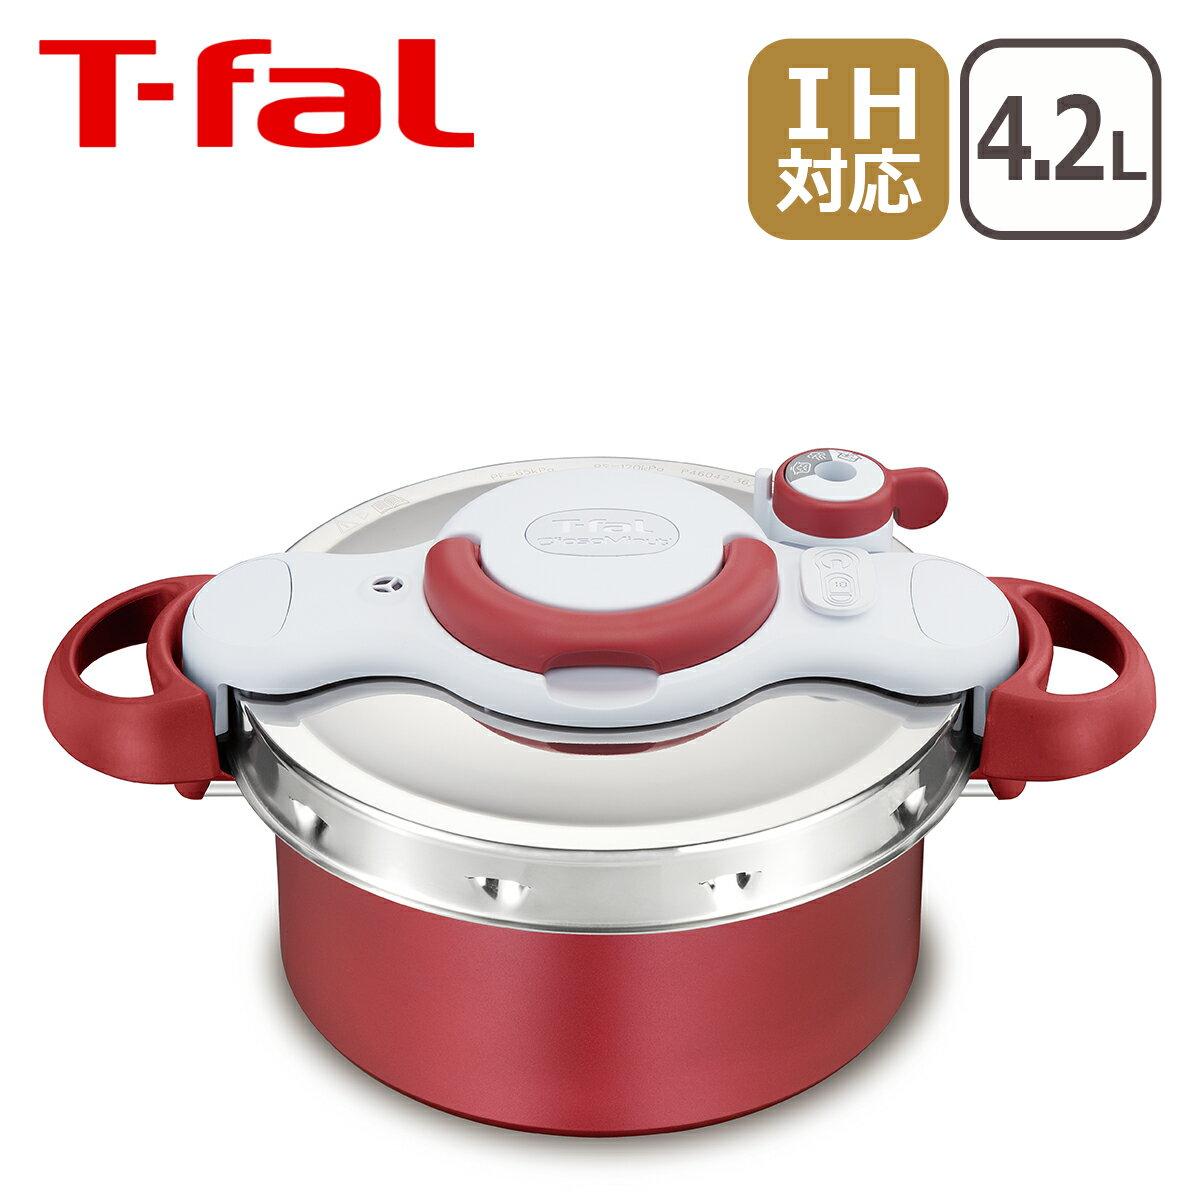 ティファール 圧力鍋と鍋が一つに!クリプソ ミニット デュオ レッド 4.2L P4604236 ギフト・のし可 T-fal